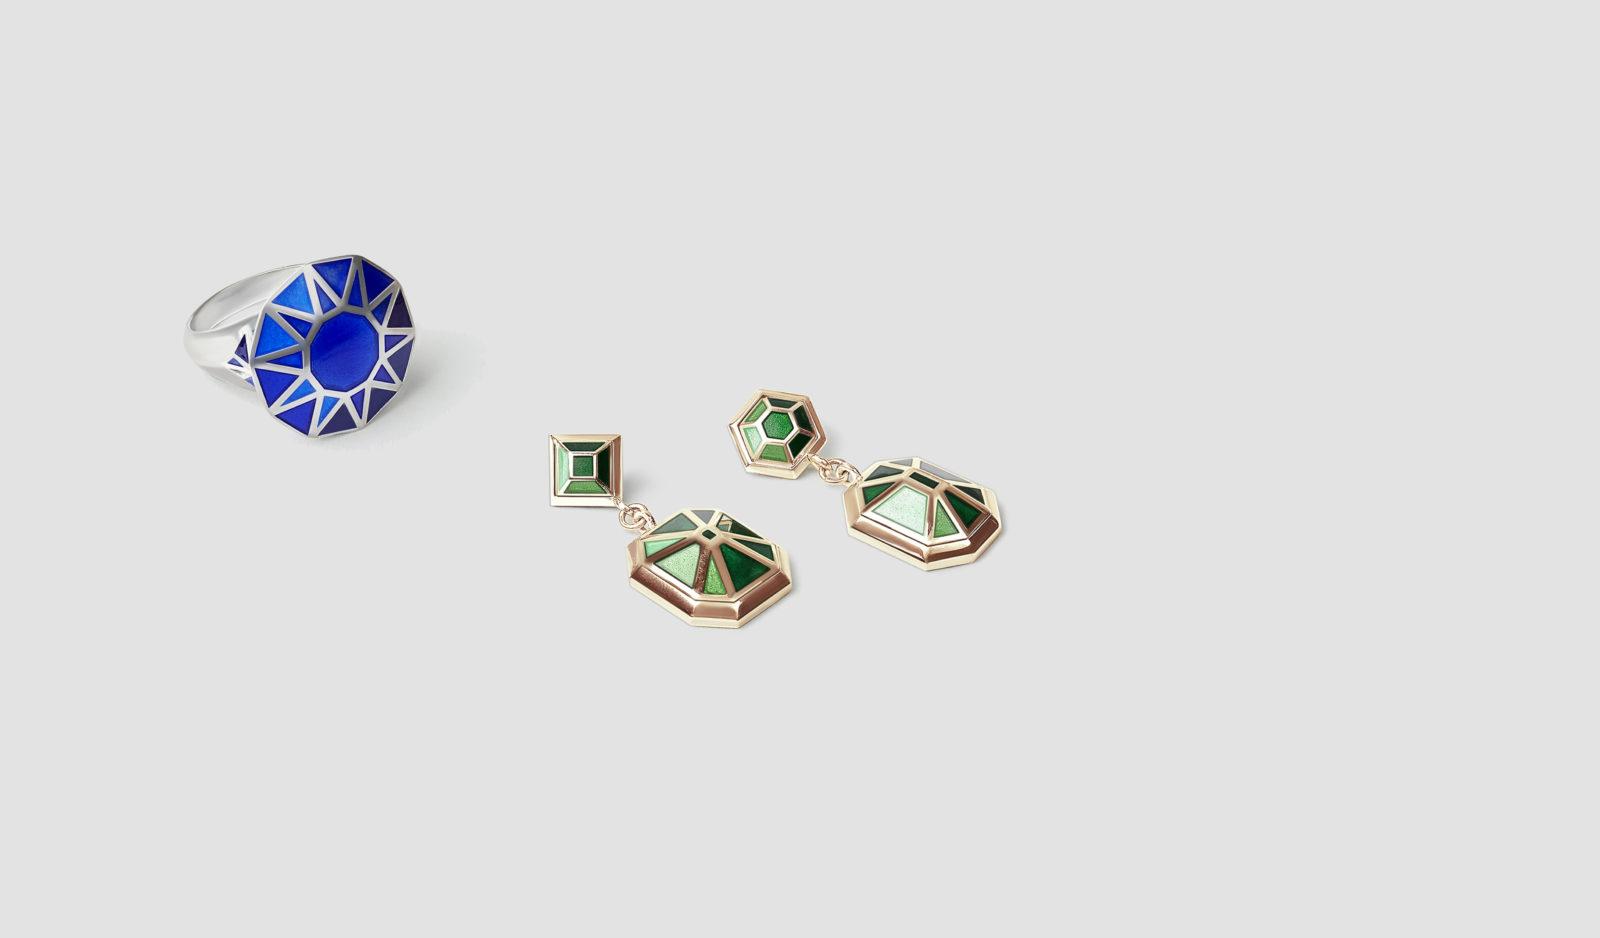 Enamel Rings and Enamel Earrings by Tessa Packard London